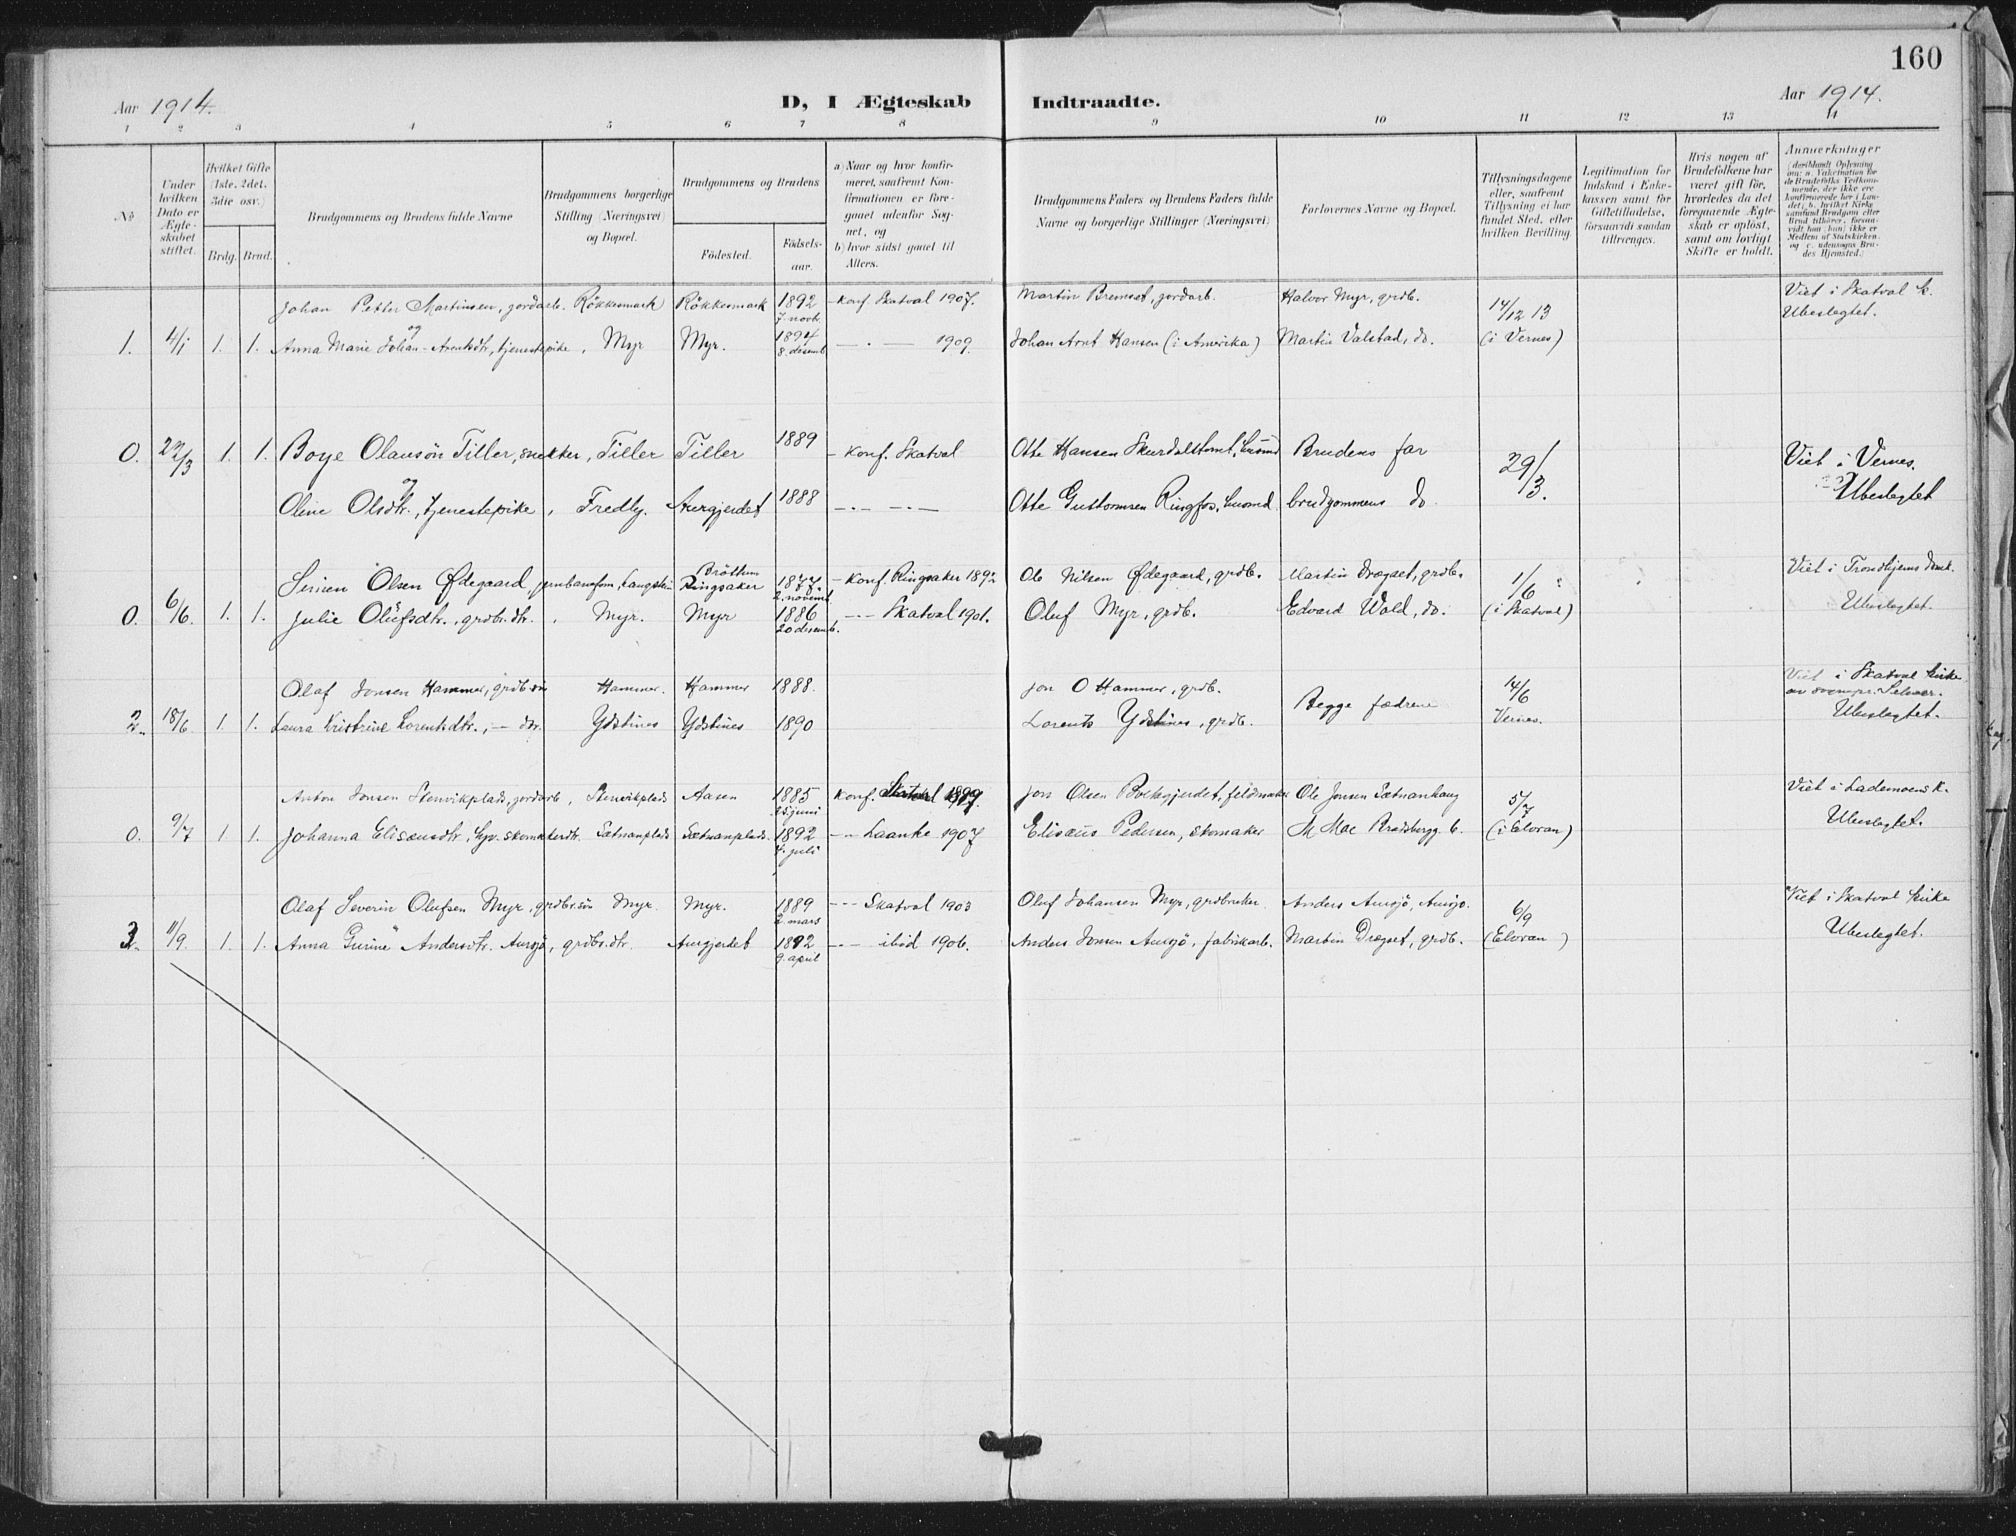 SAT, Ministerialprotokoller, klokkerbøker og fødselsregistre - Nord-Trøndelag, 712/L0101: Ministerialbok nr. 712A02, 1901-1916, s. 160